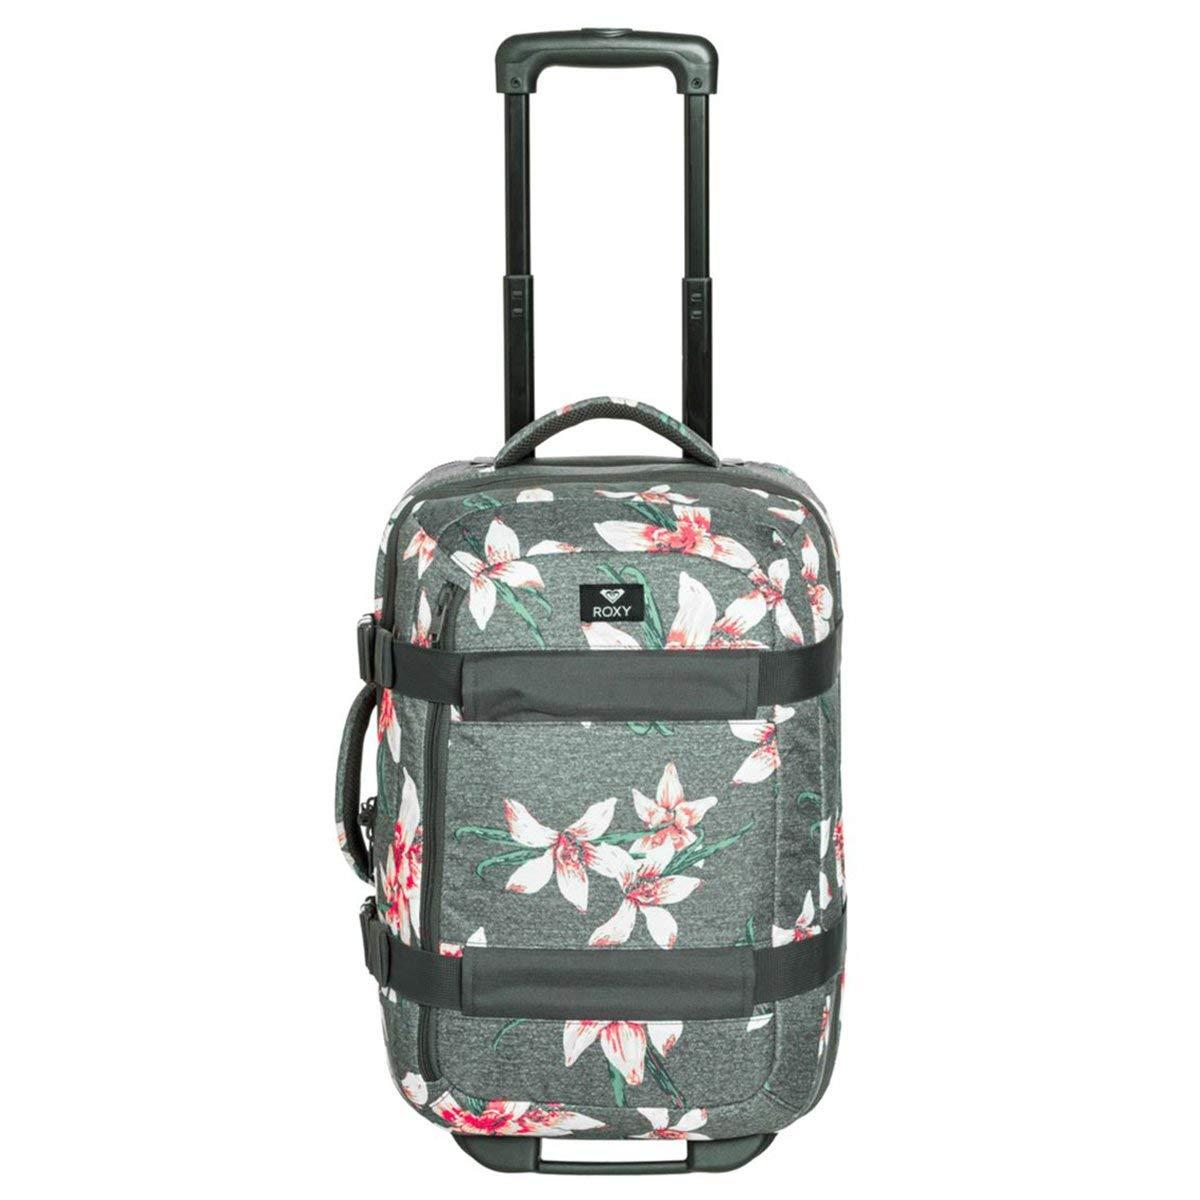 9096bfc47 Roxy Wheelie Maleta de Cabina con Ruedas, Mujer, Rosa/Gris (Charcoal  Heather Flower Field), 30 l: Amazon.es: Deportes y aire libre